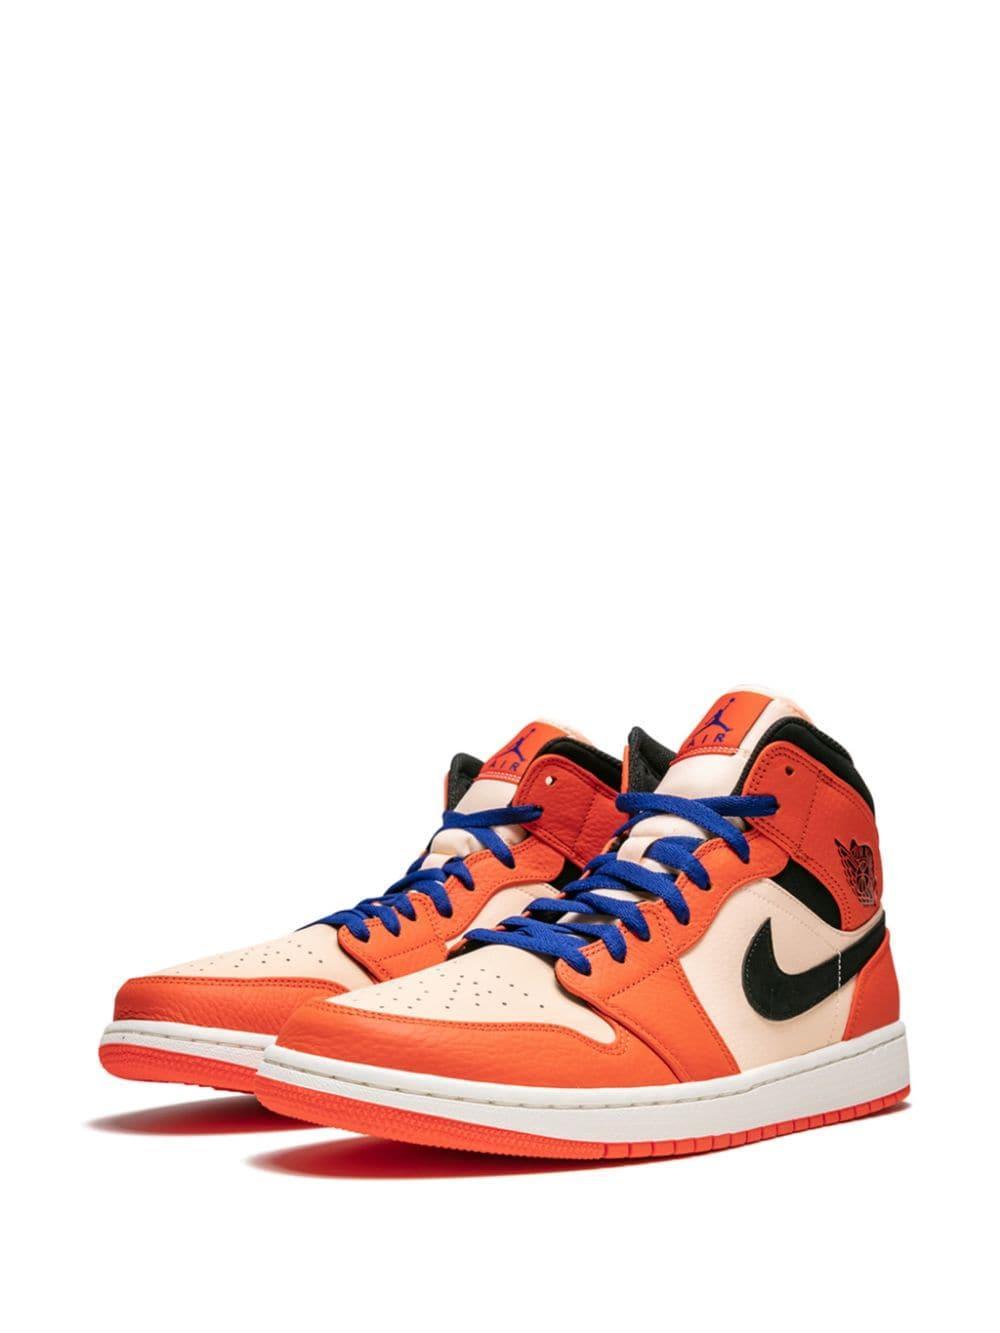 Zapatillas Air 1 Mid SE Nike de Cuero de color Naranja para hombre